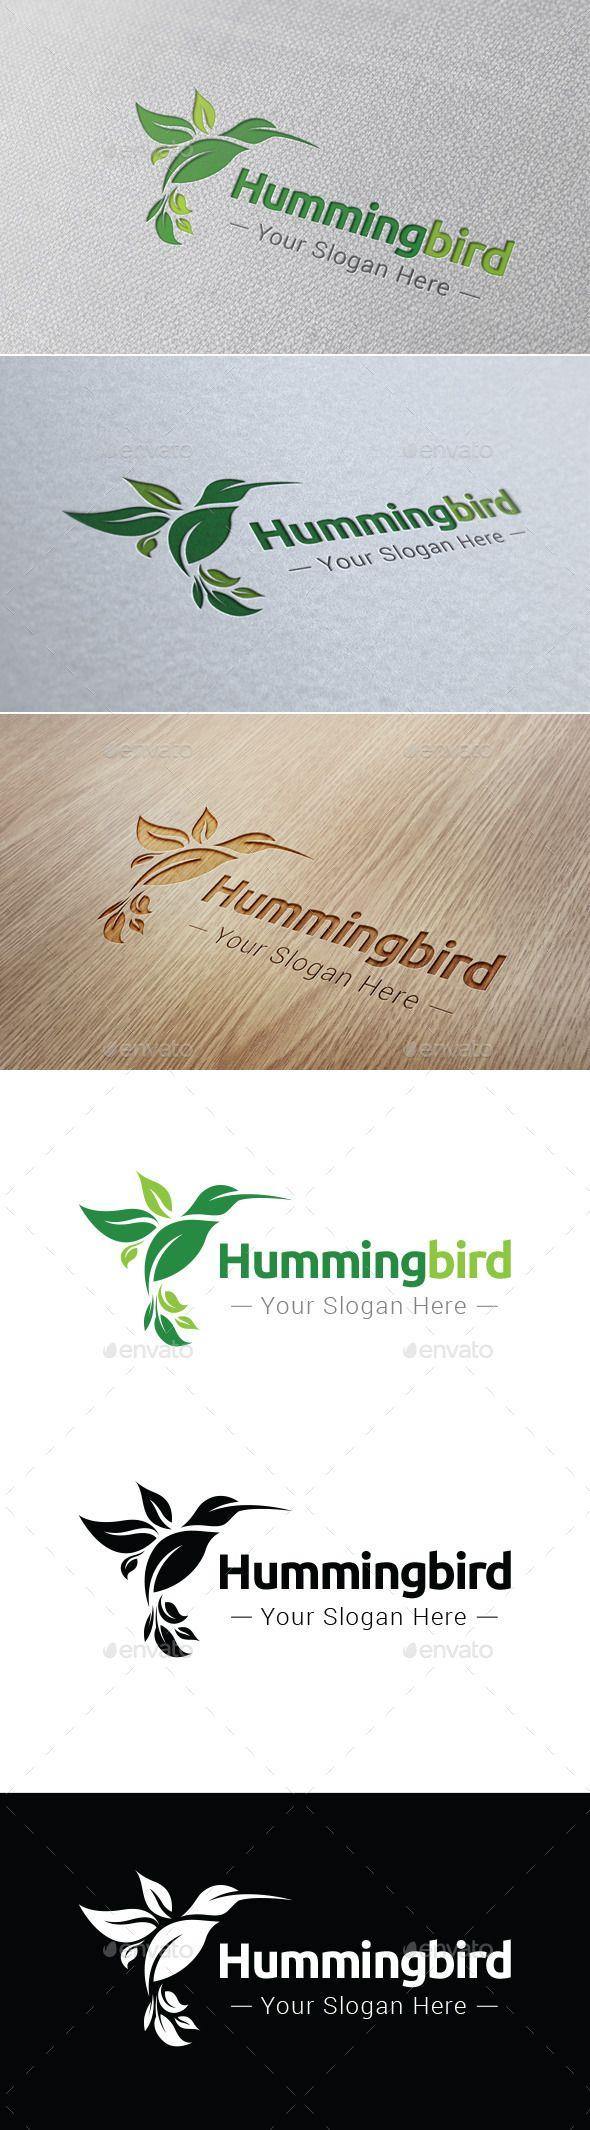 Hummingbird Logo Template - Nature Logo Templates